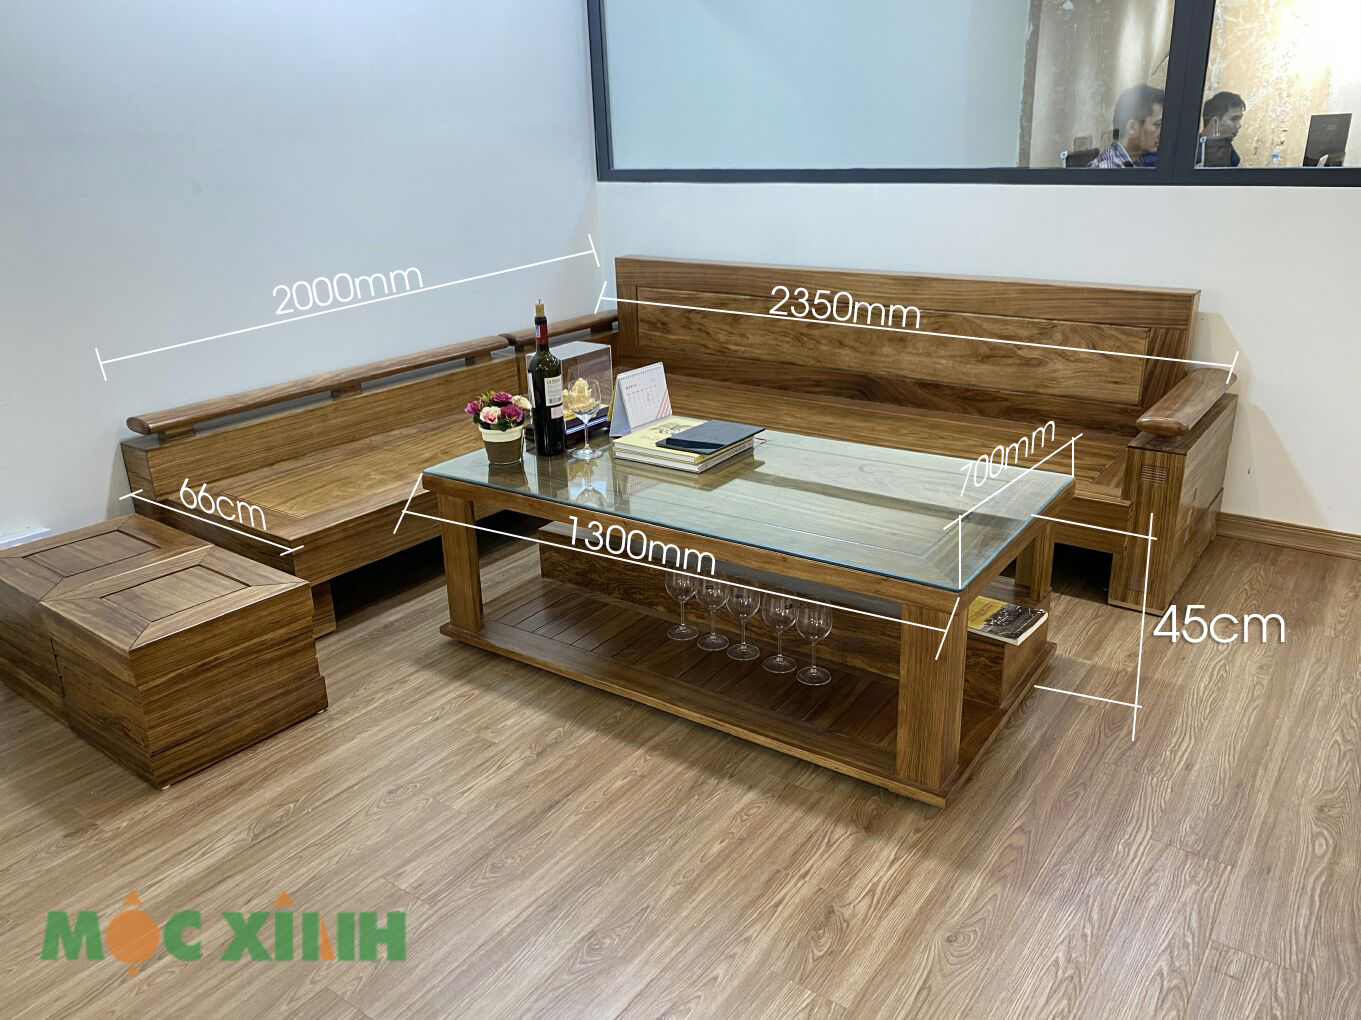 Thông số kích thước của bộ bàn ghế phòng khách gỗ hương